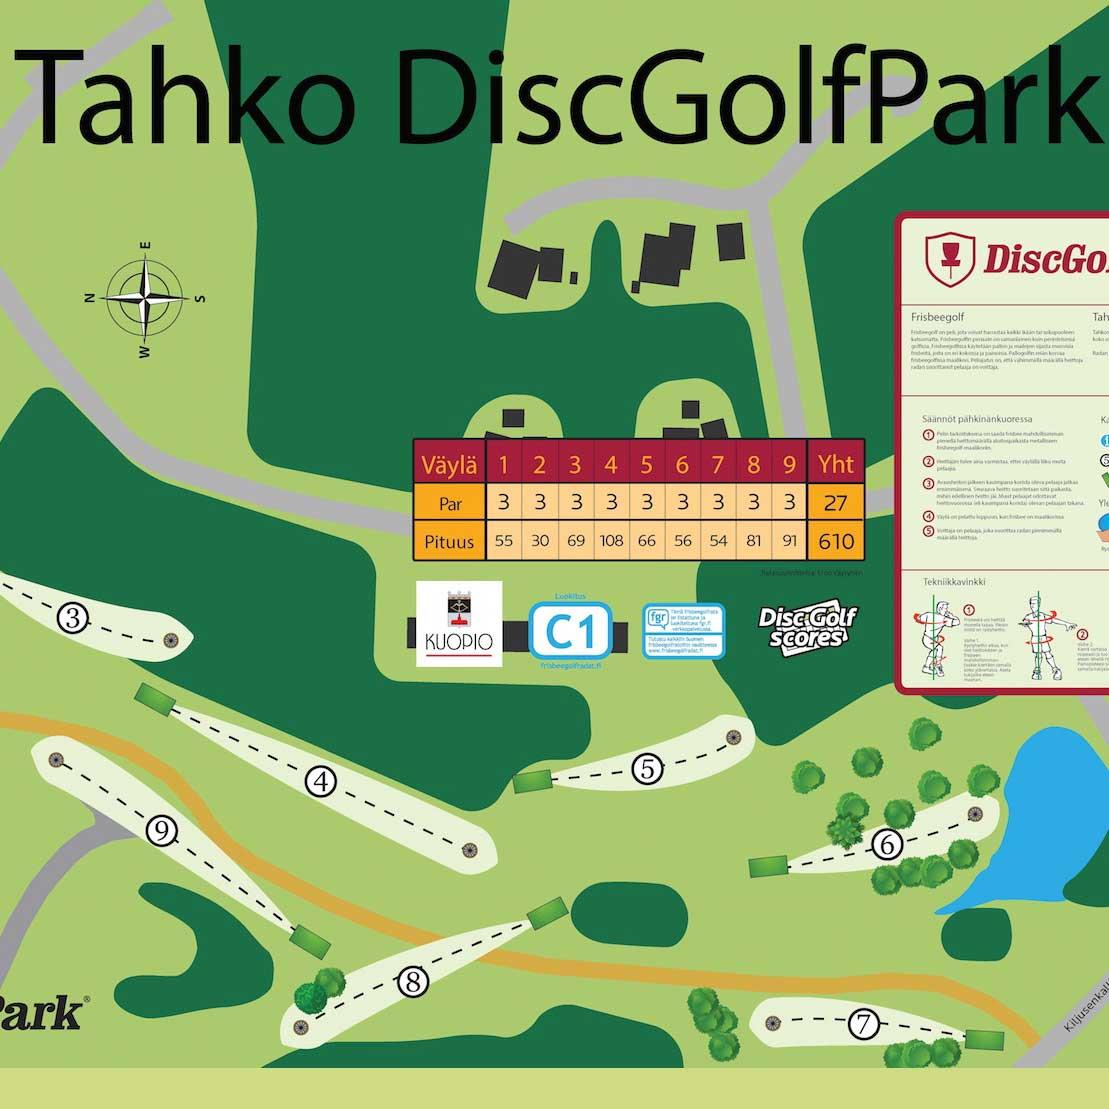 Tahko DiscGolfPark (9 väylää)